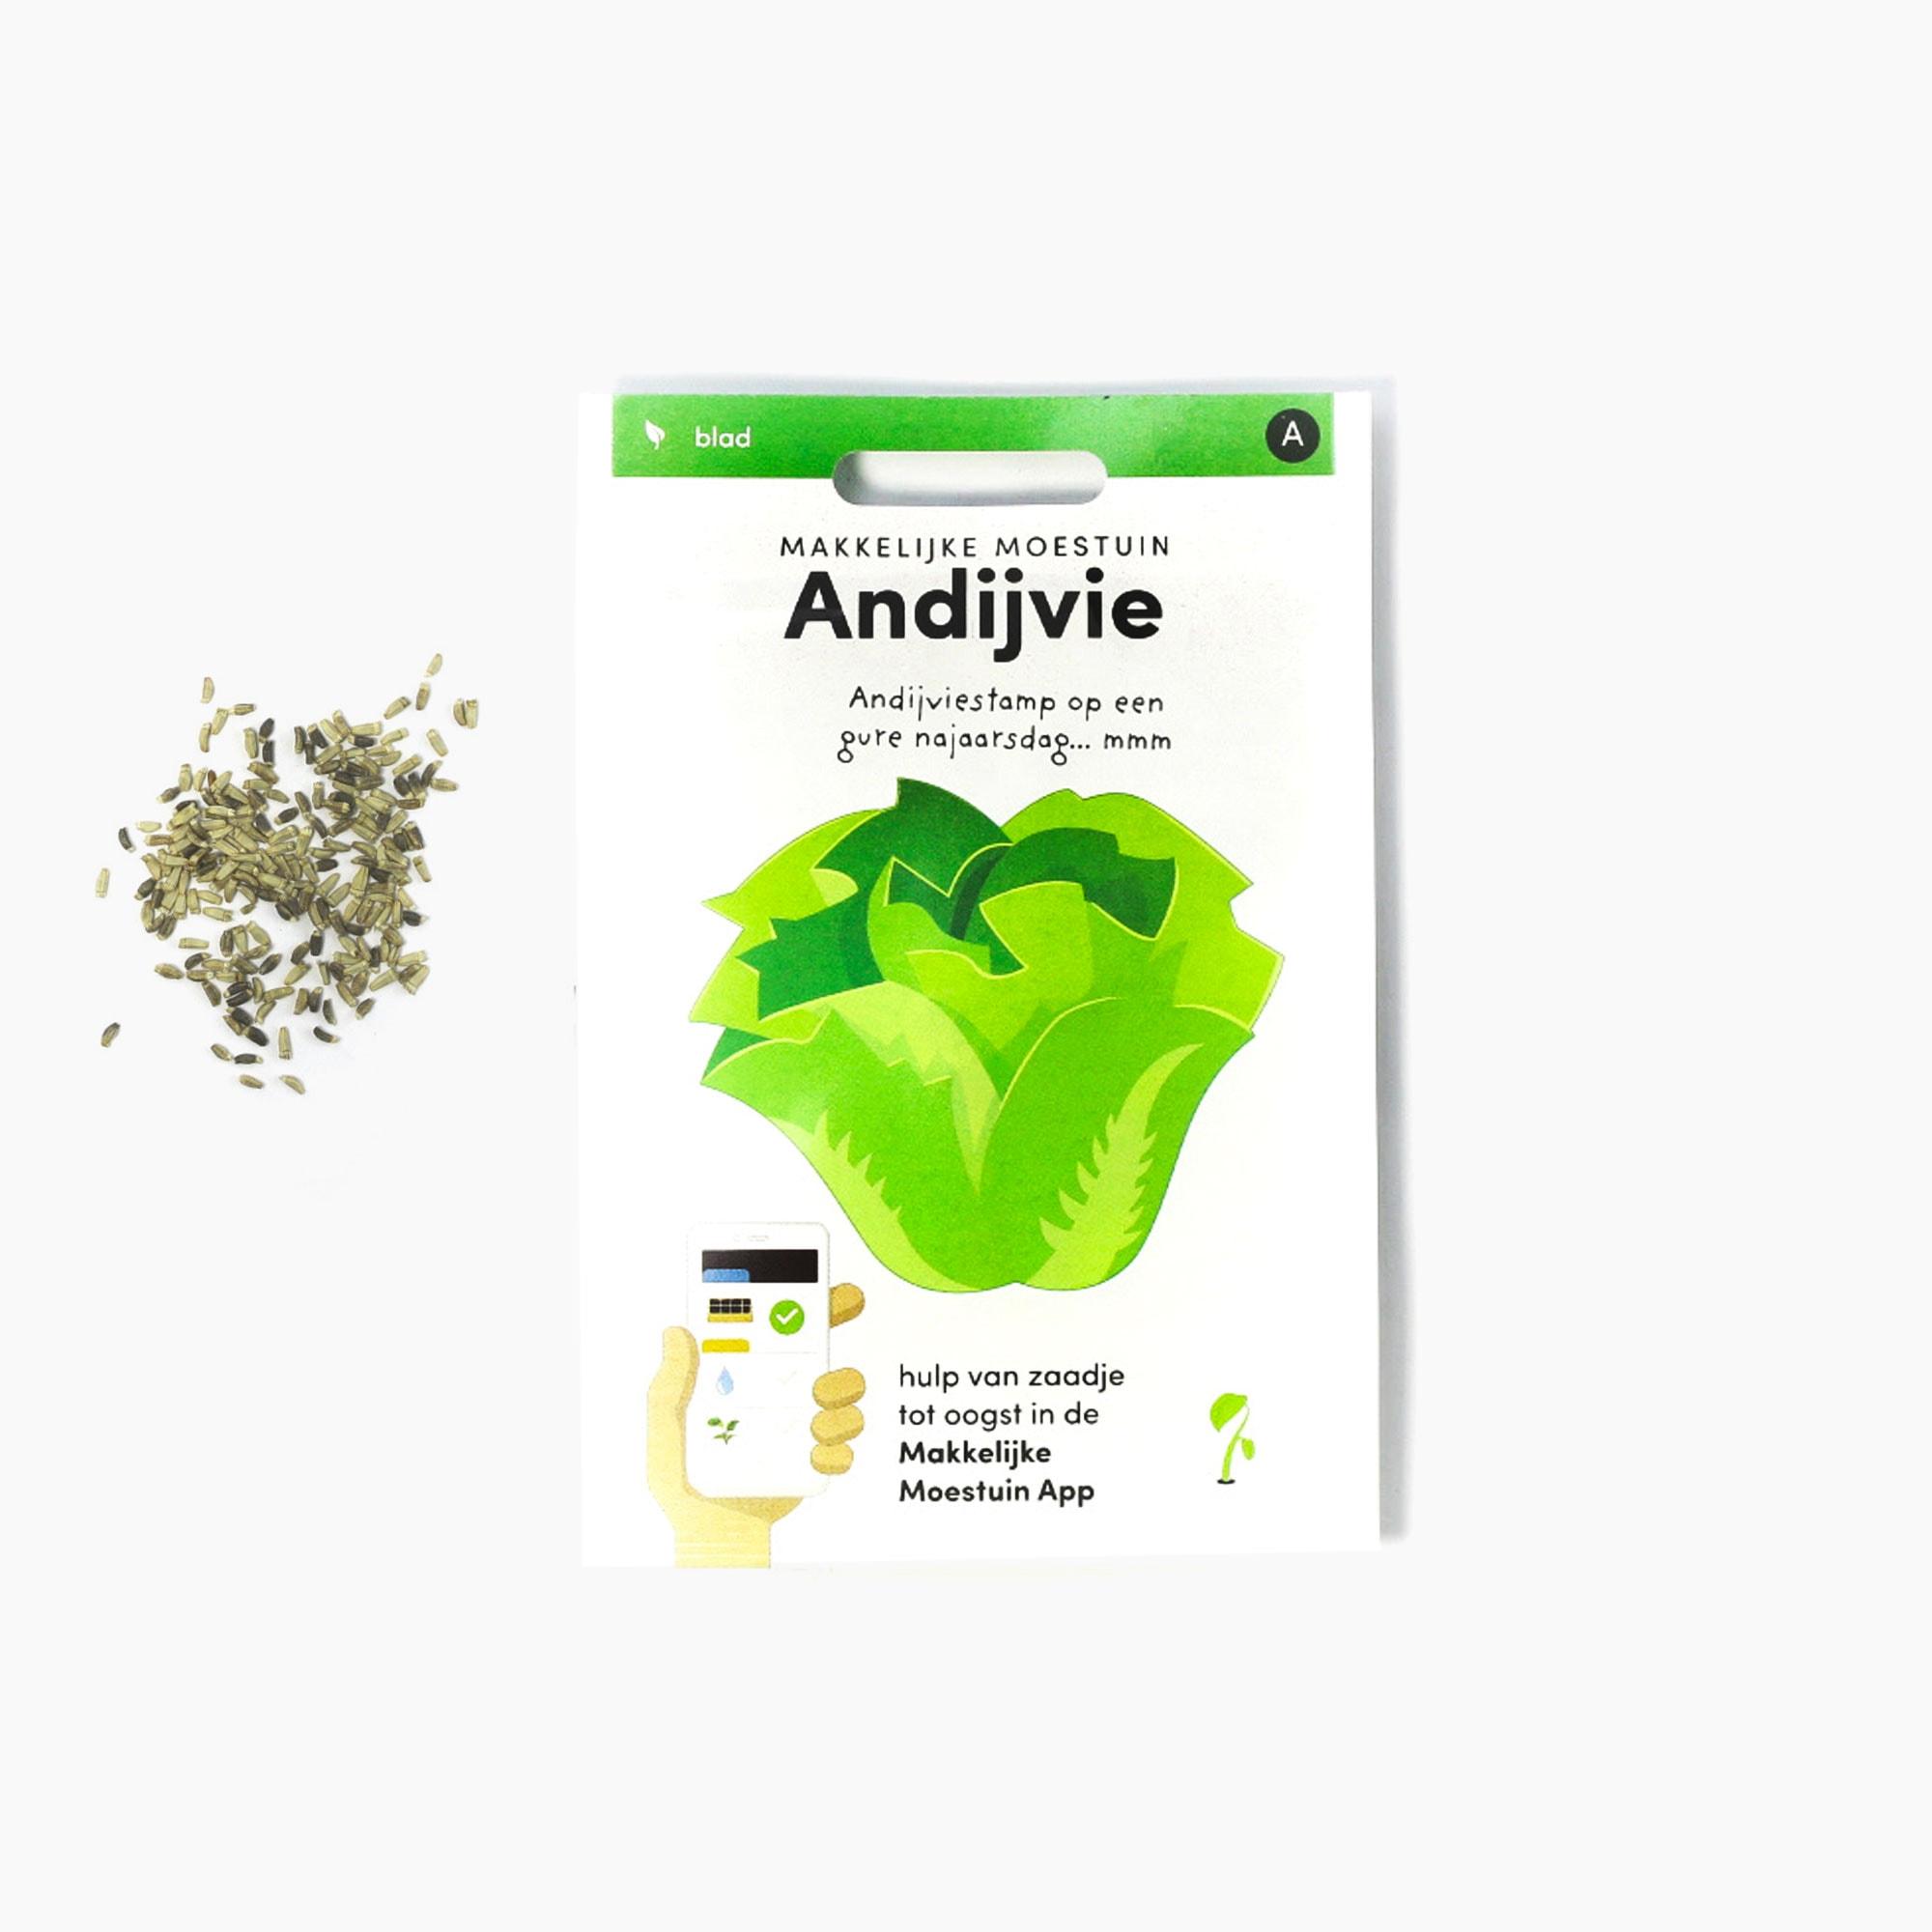 Andijvie1-1.jpg